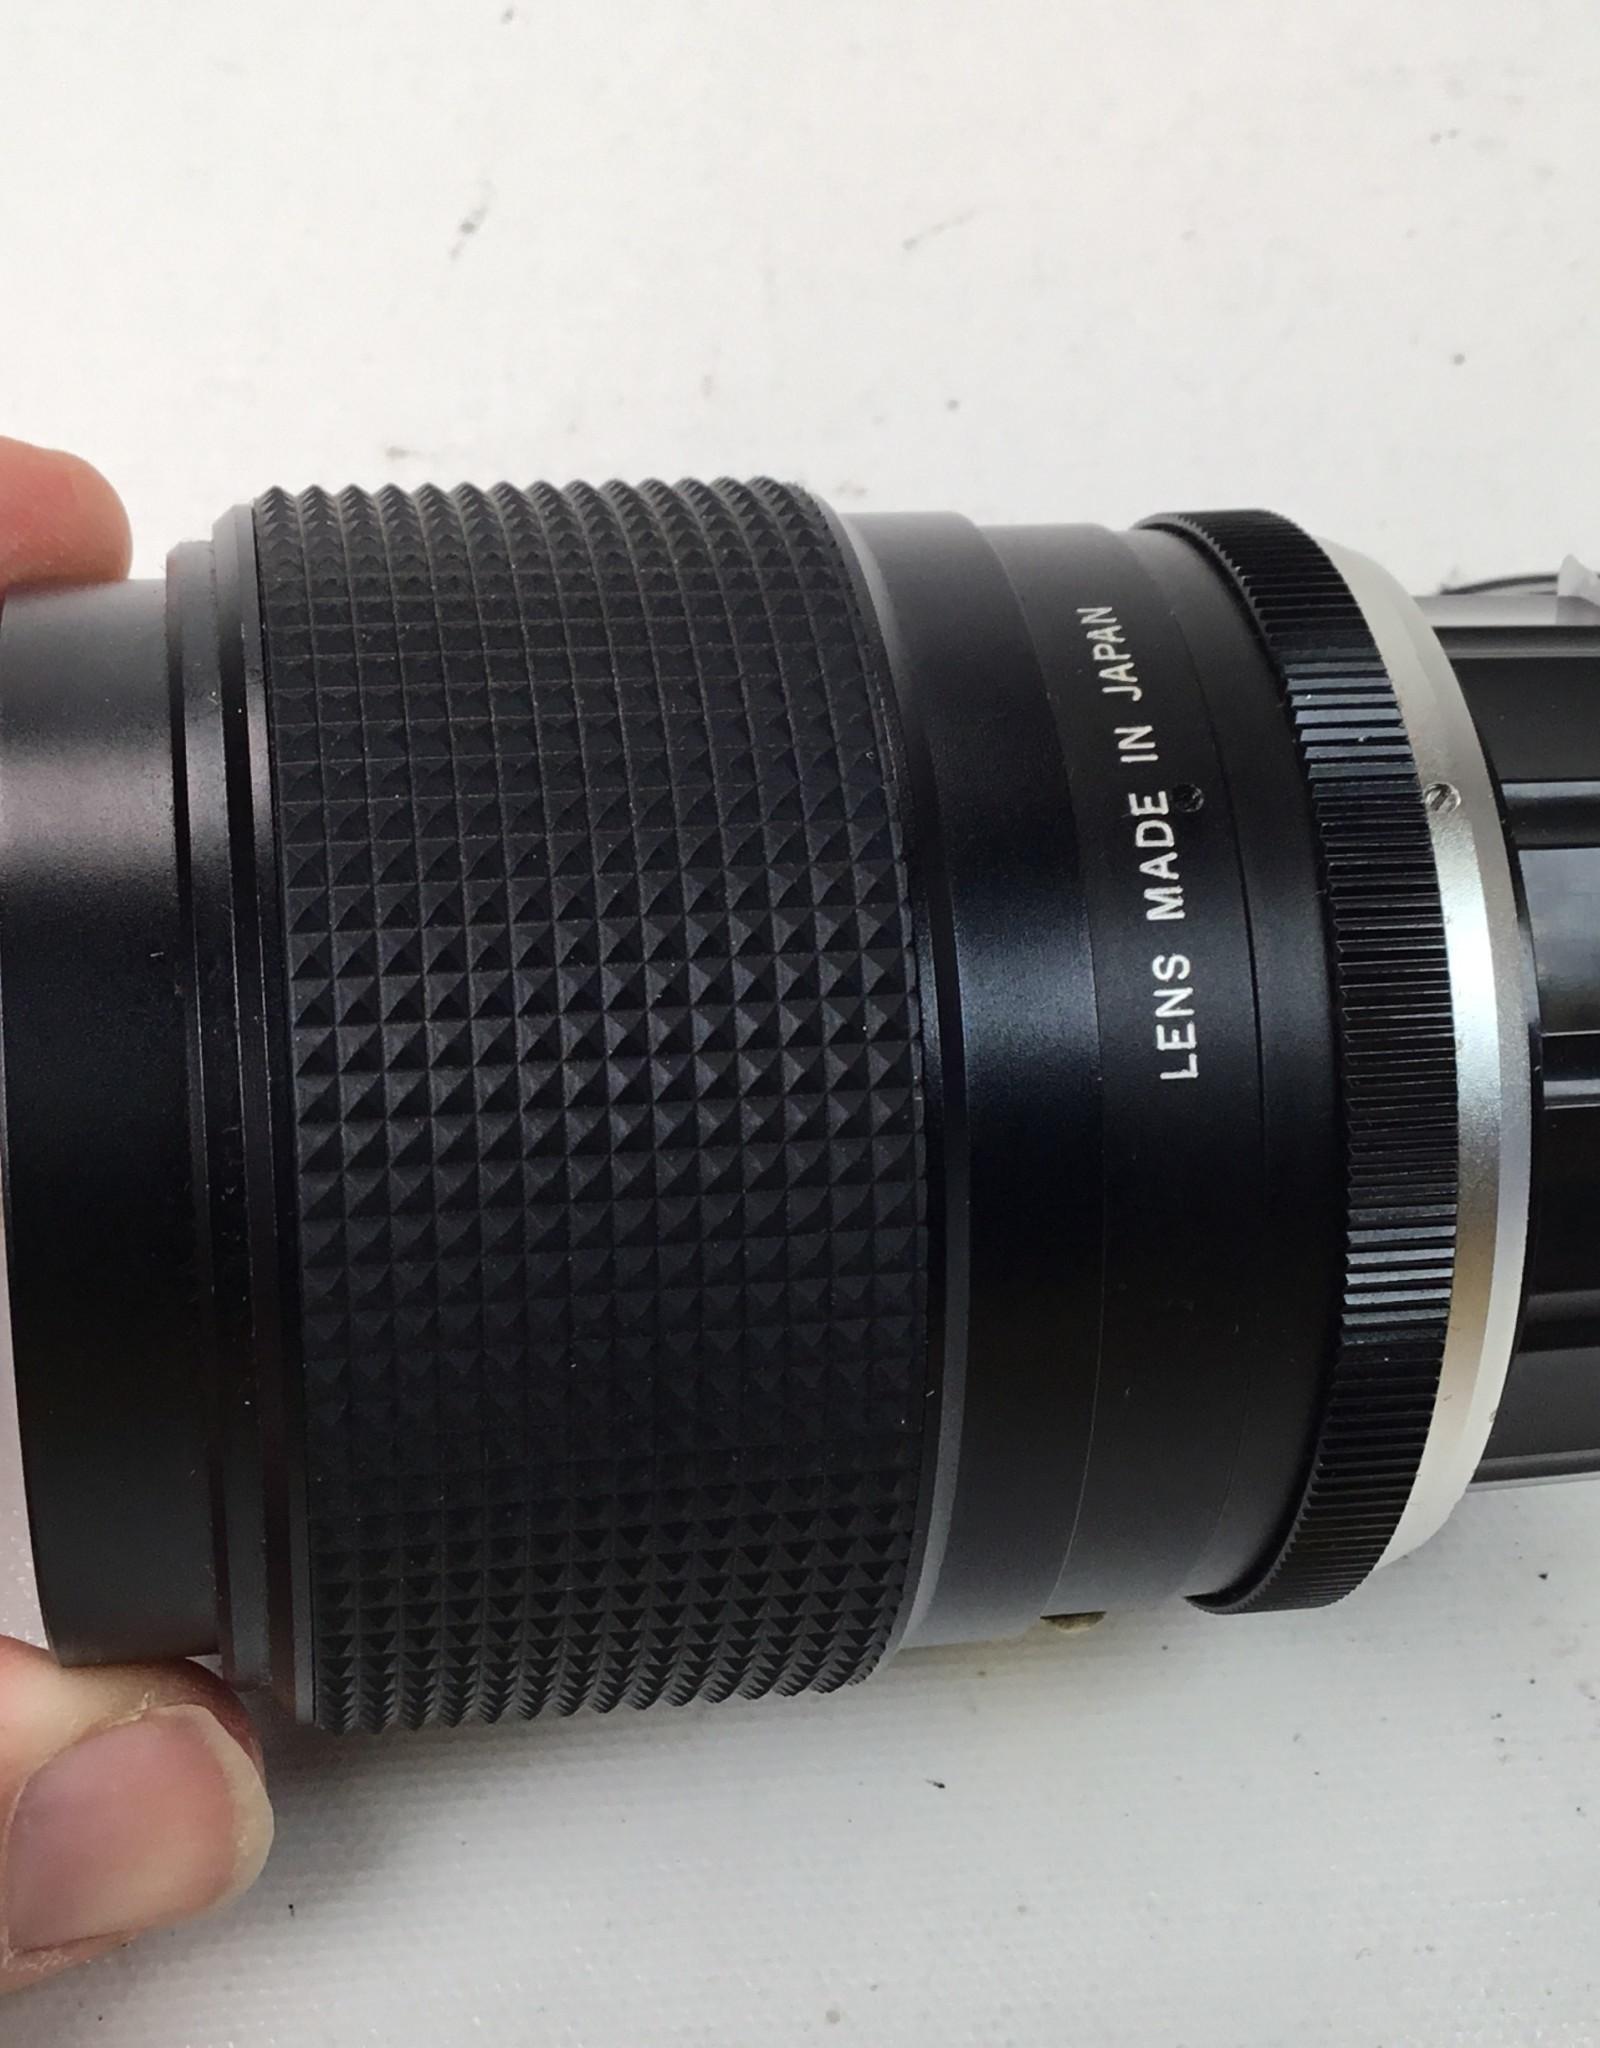 Formula 5 135mm f2.8 Lens for Pentax K Mount Used EX